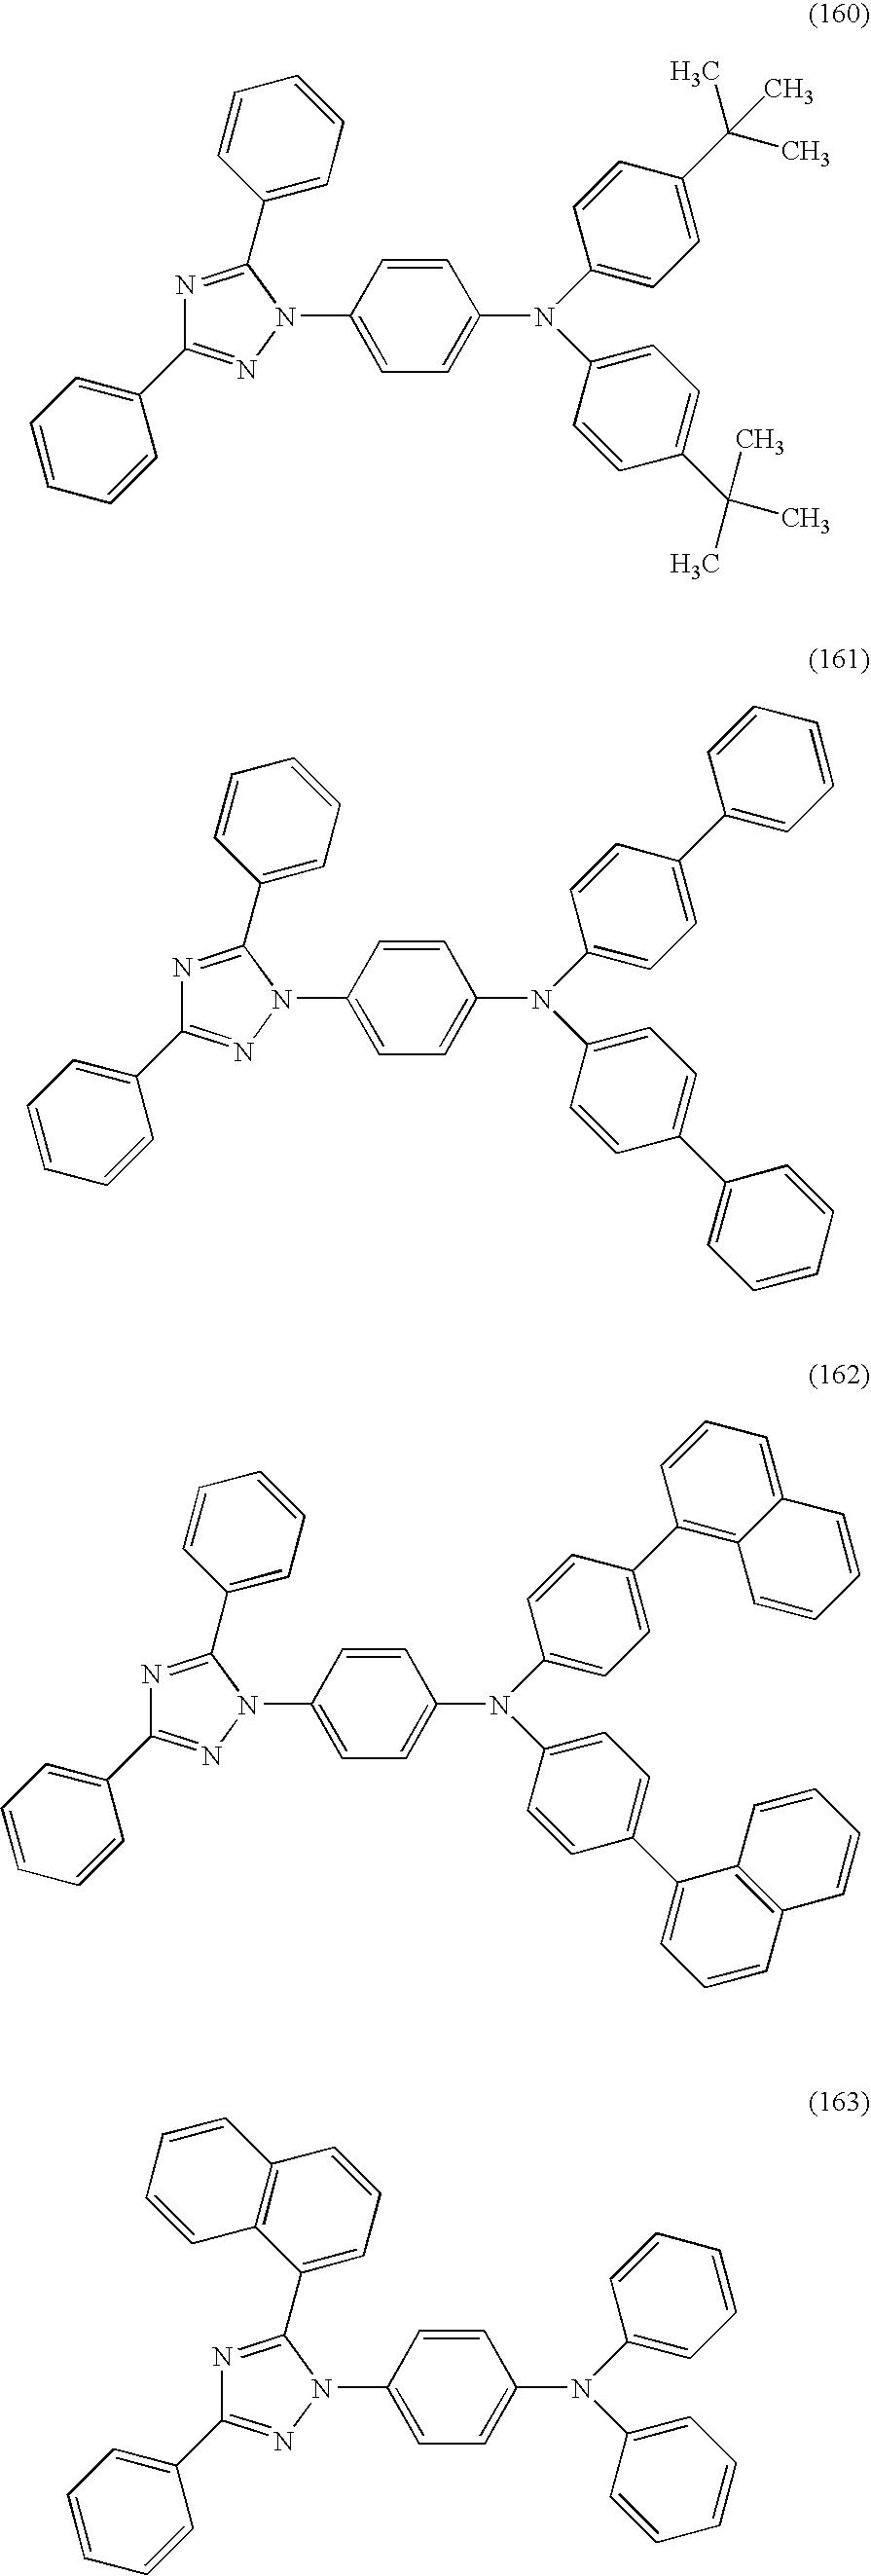 Figure US08551625-20131008-C00061